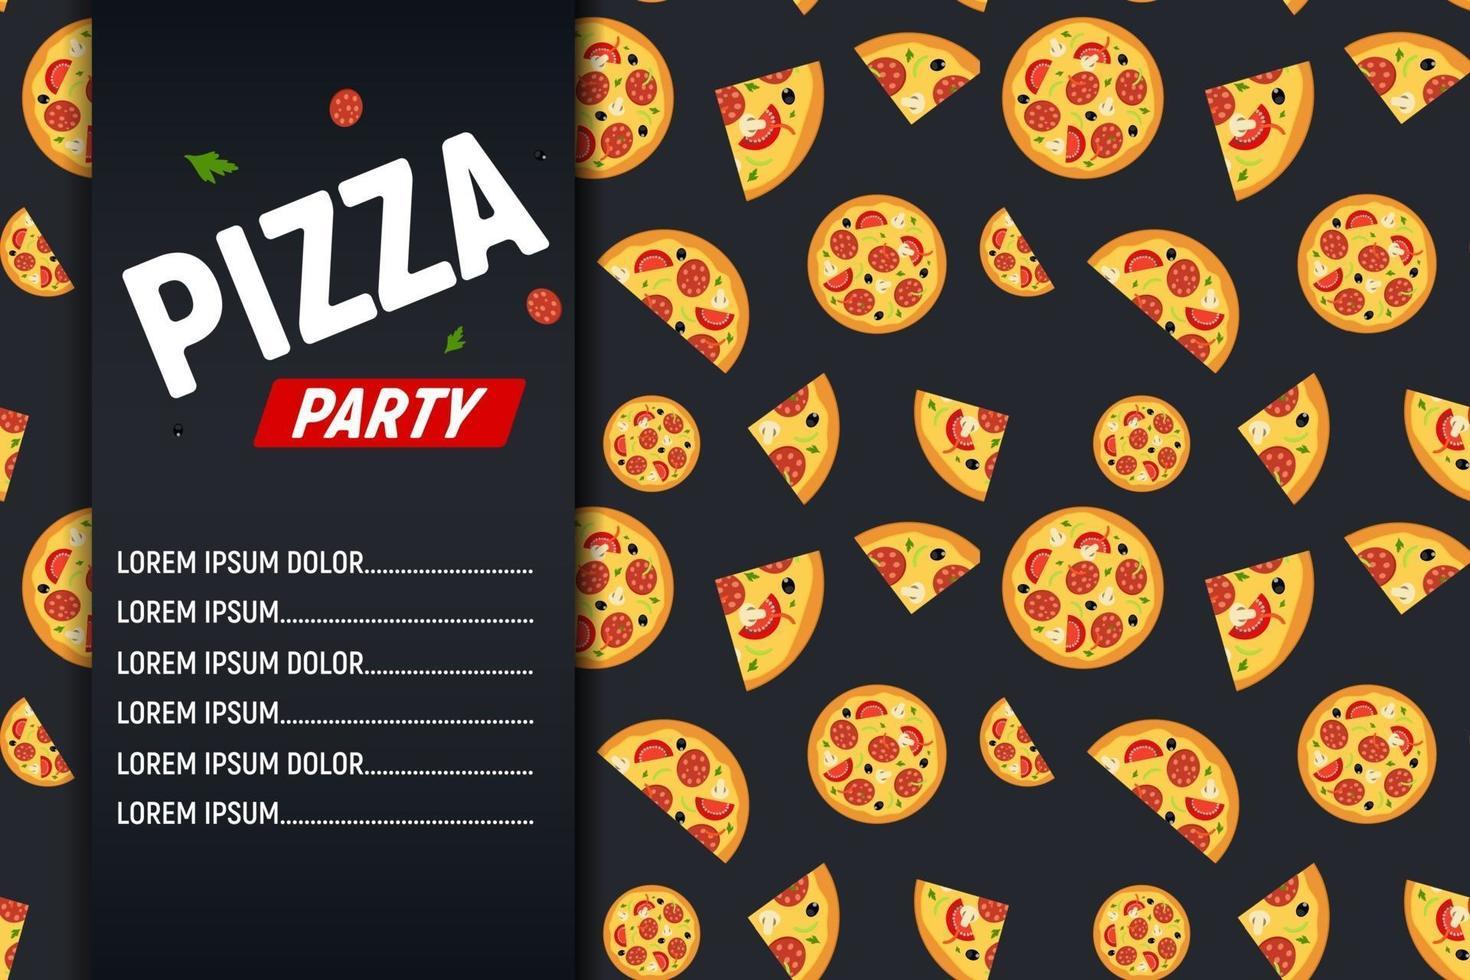 modello di sfondo del manifesto di pizza party flyer. illustrazione vettoriale. vettore